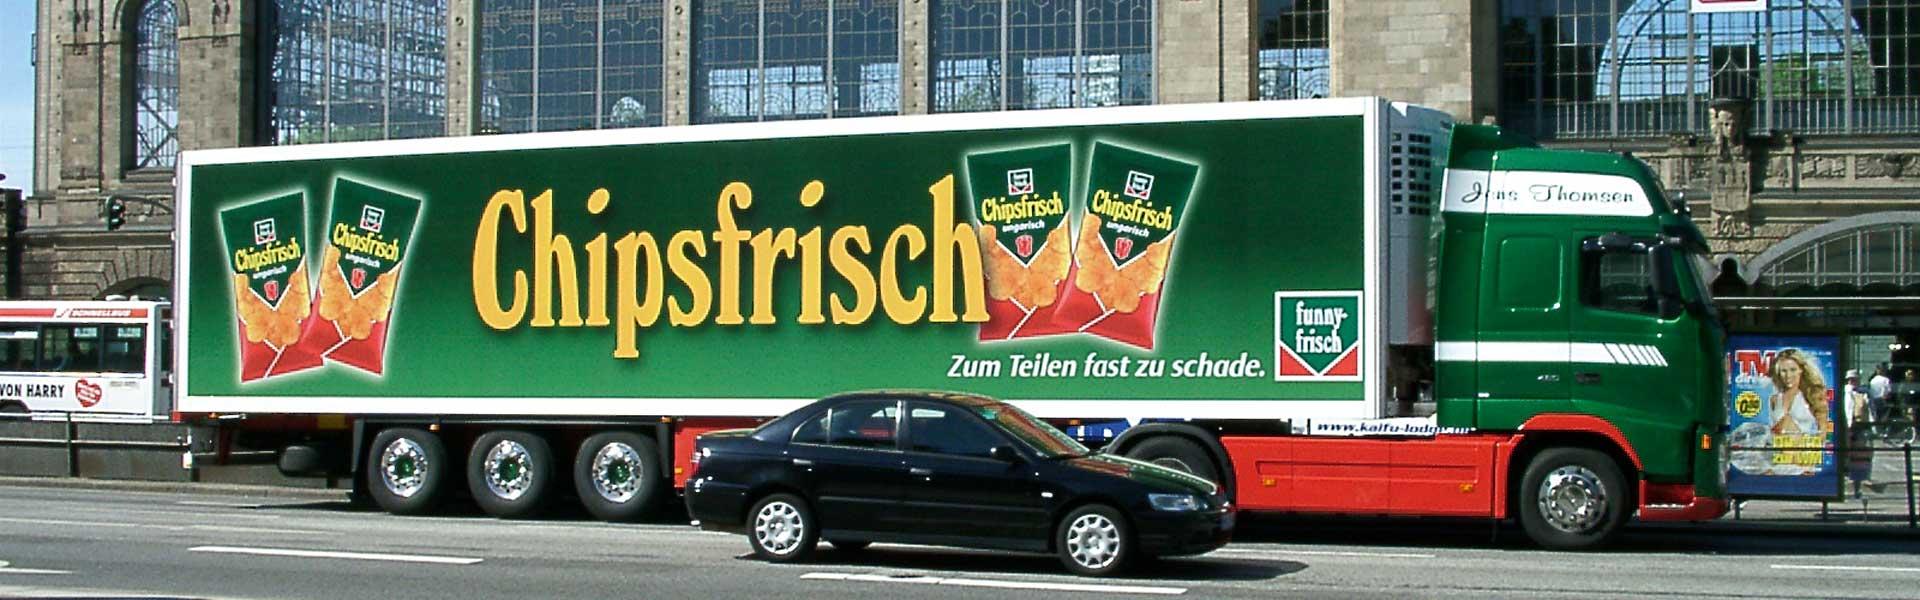 Werbung auf LKW